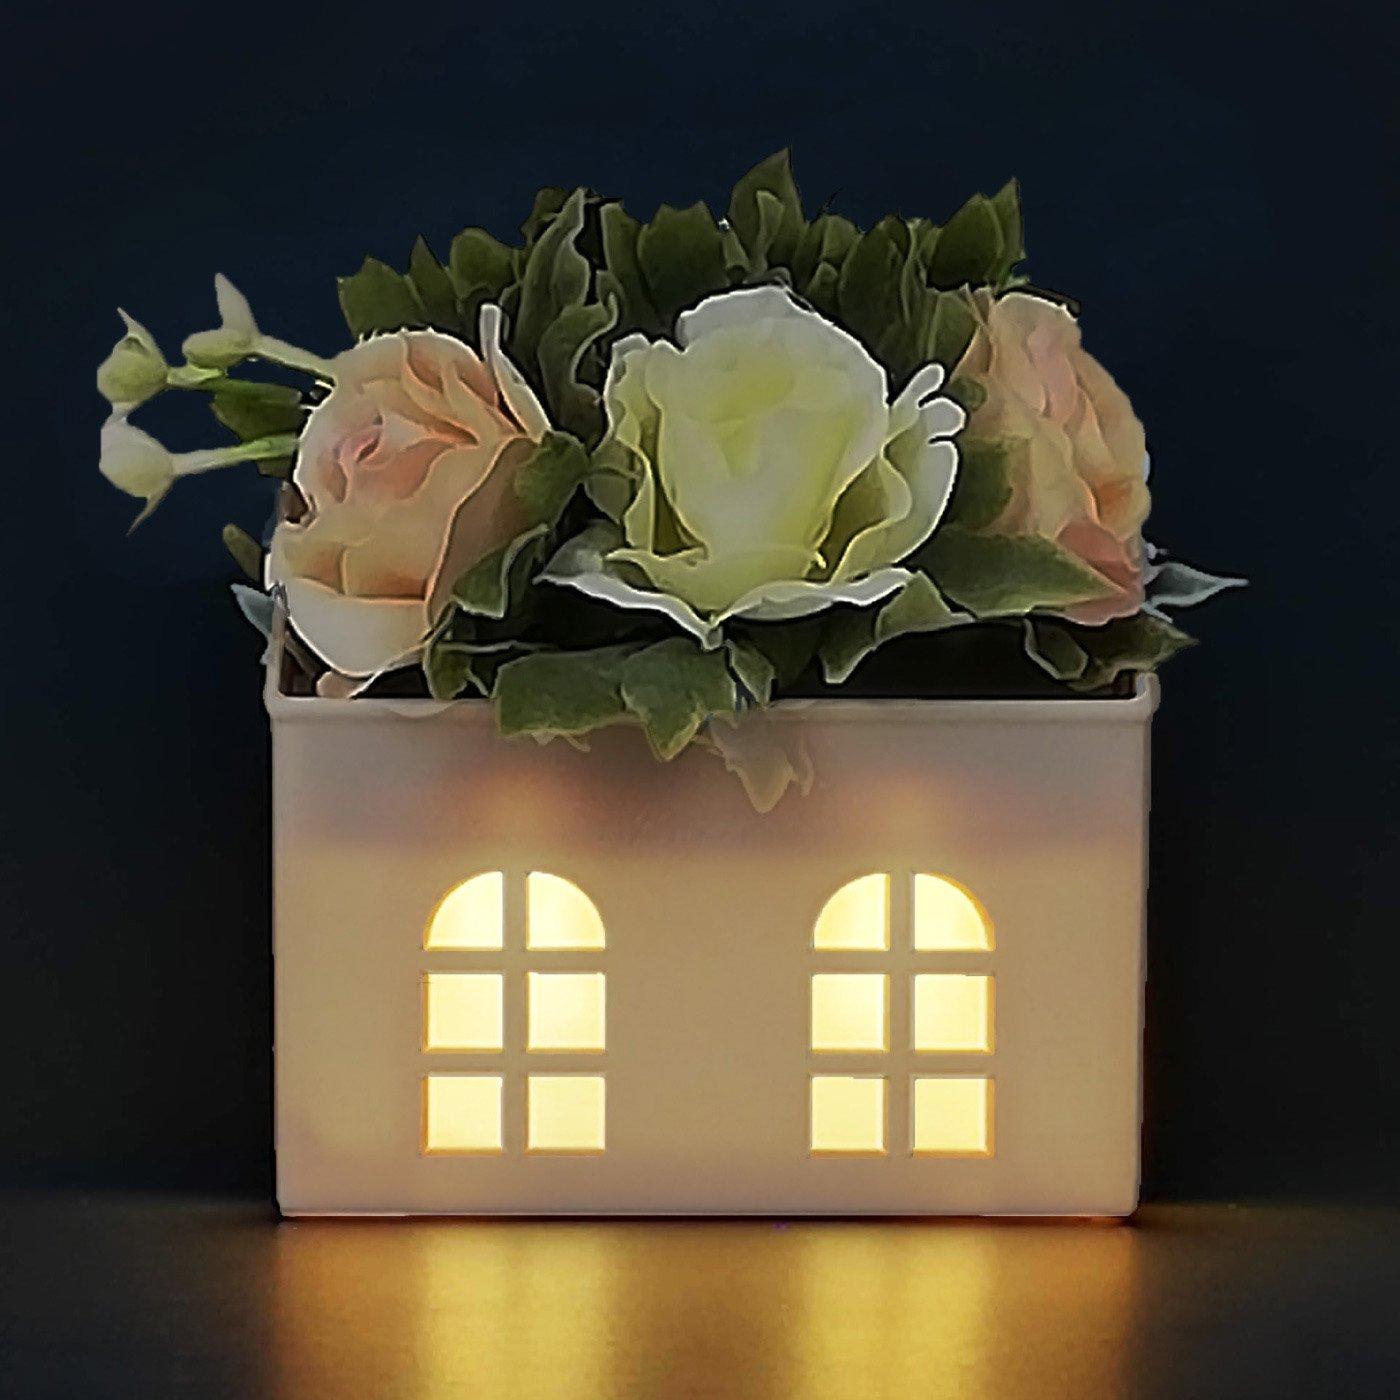 ロマンティックに灯る♪ 小さなおうちのフラワーアロマポット Hanaheya